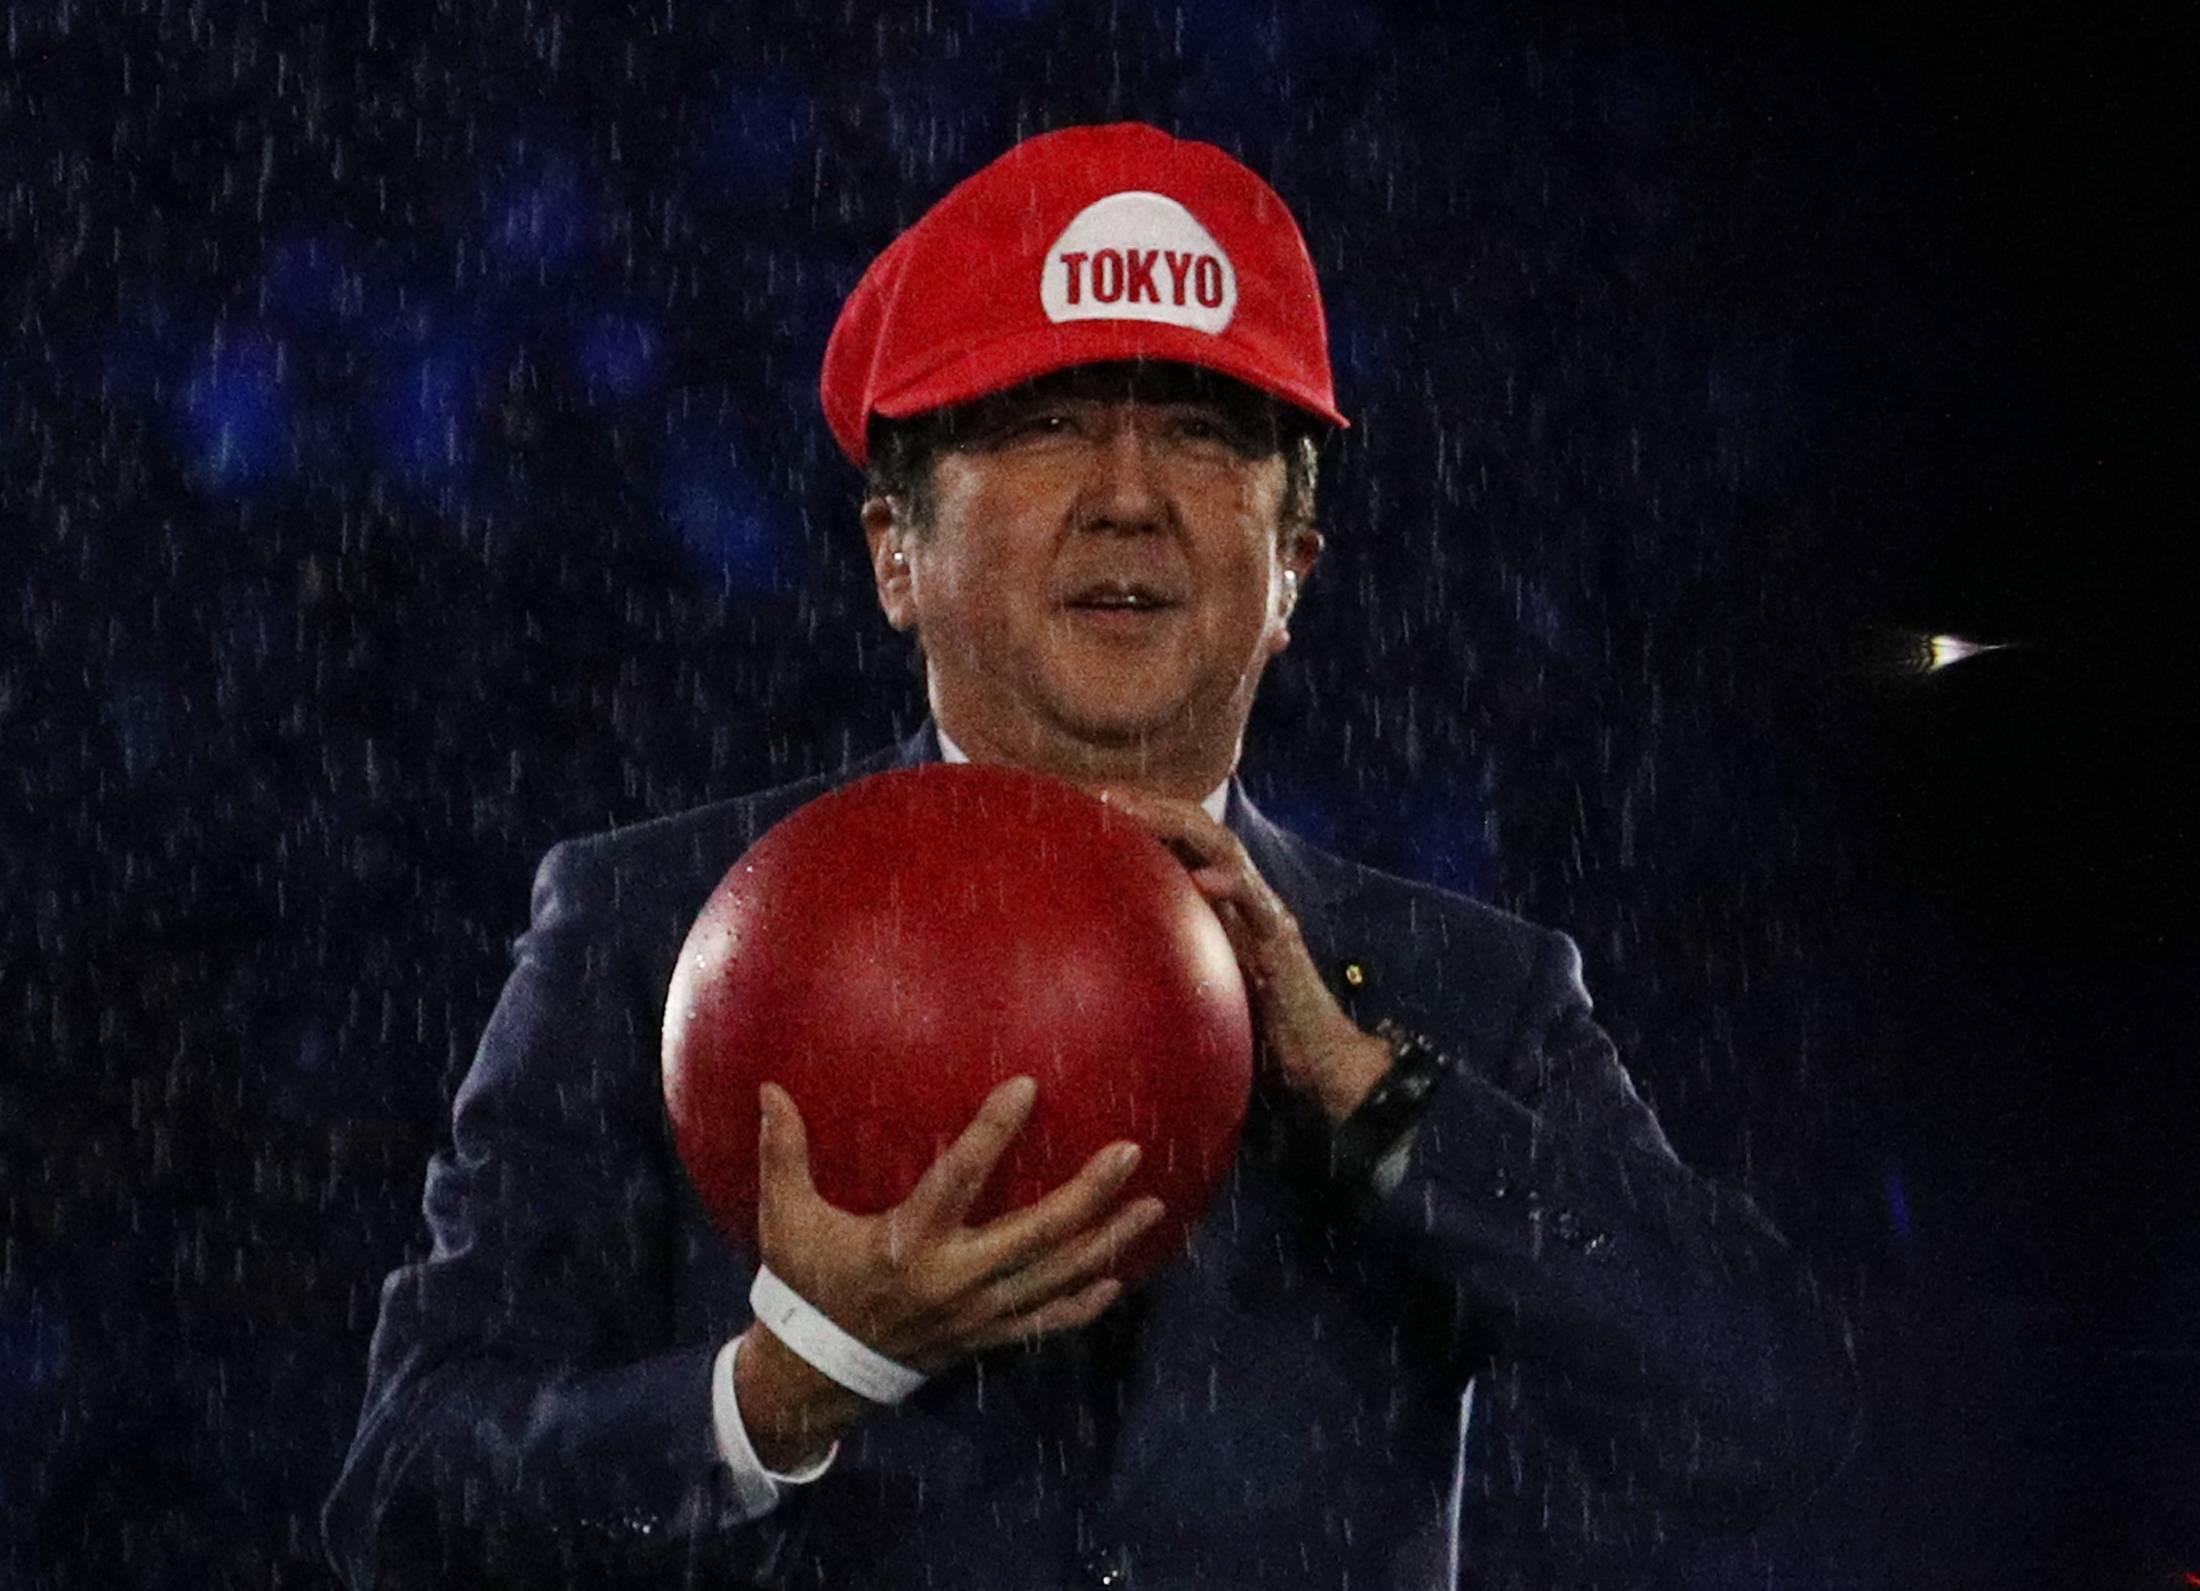 """安倍在2016年里约奥运闭幕式上,曾以电玩游戏""""超级马里奥""""(Super Mario)的装扮,向全球介绍东京奥运。-路透社-"""